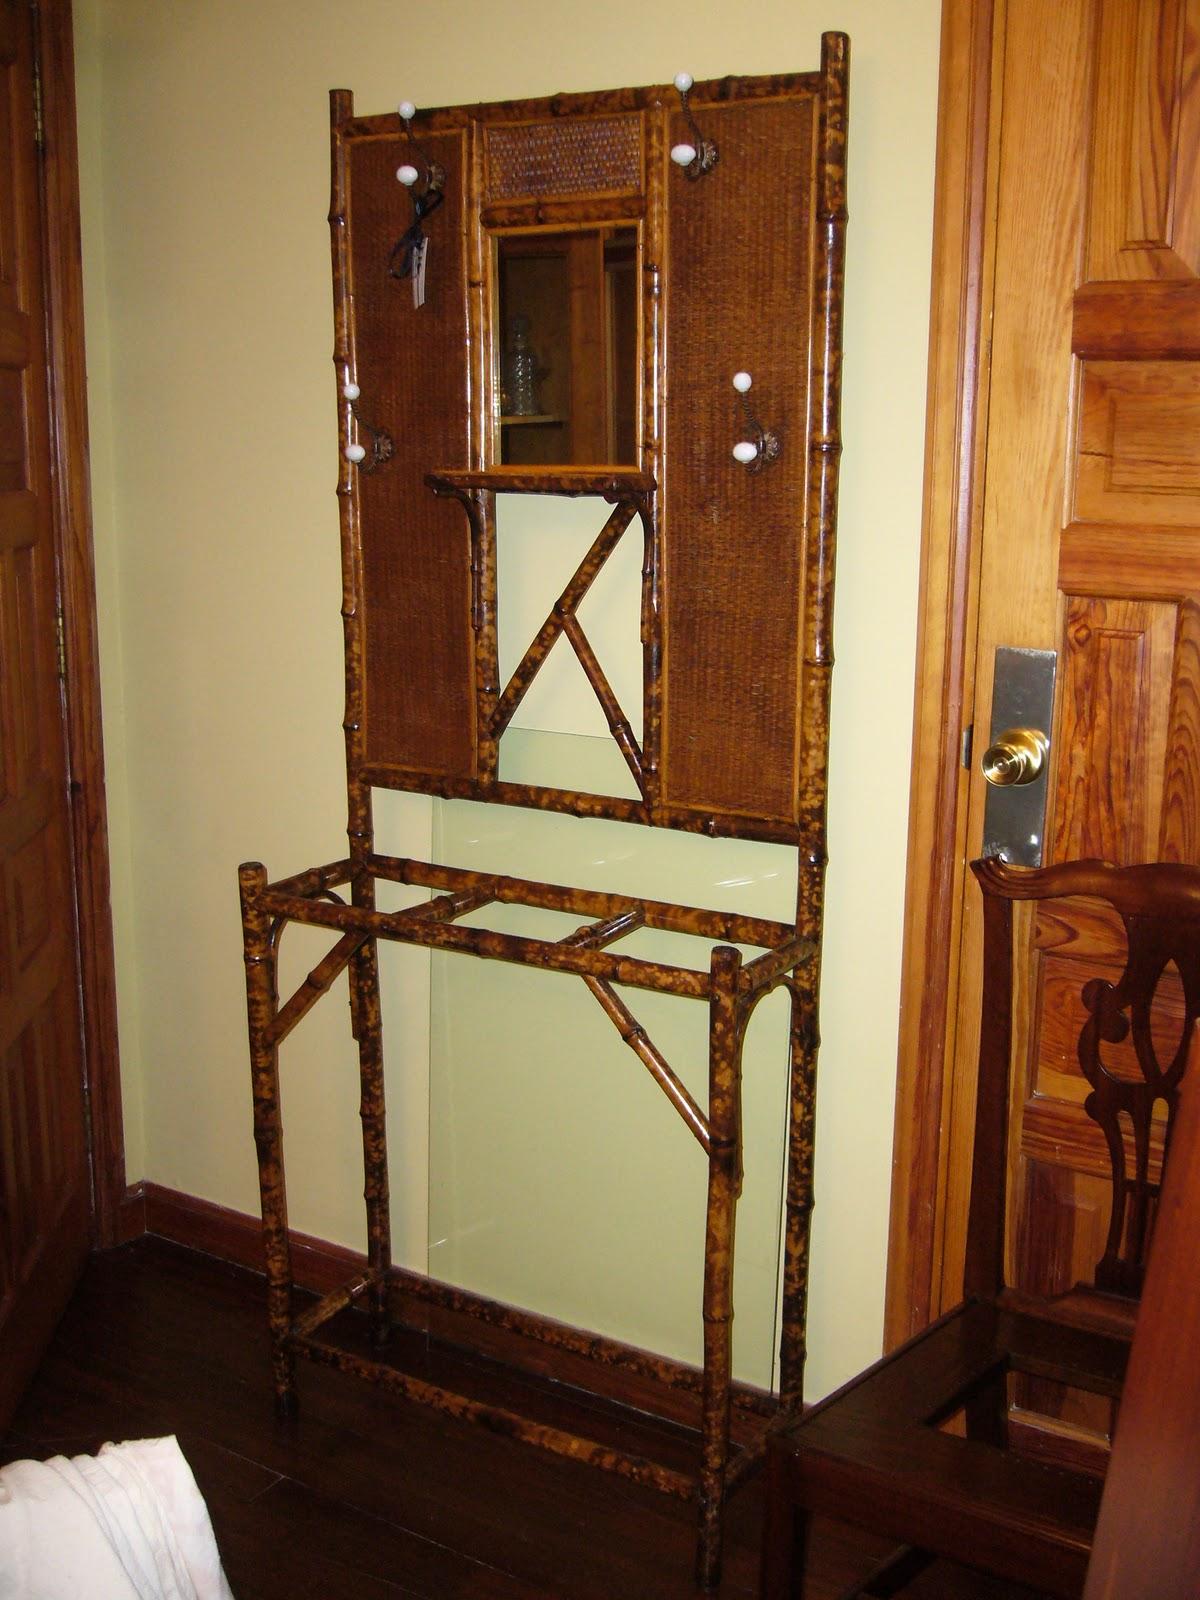 La restauradora en venta - Fotos de muebles antiguos restaurados ...